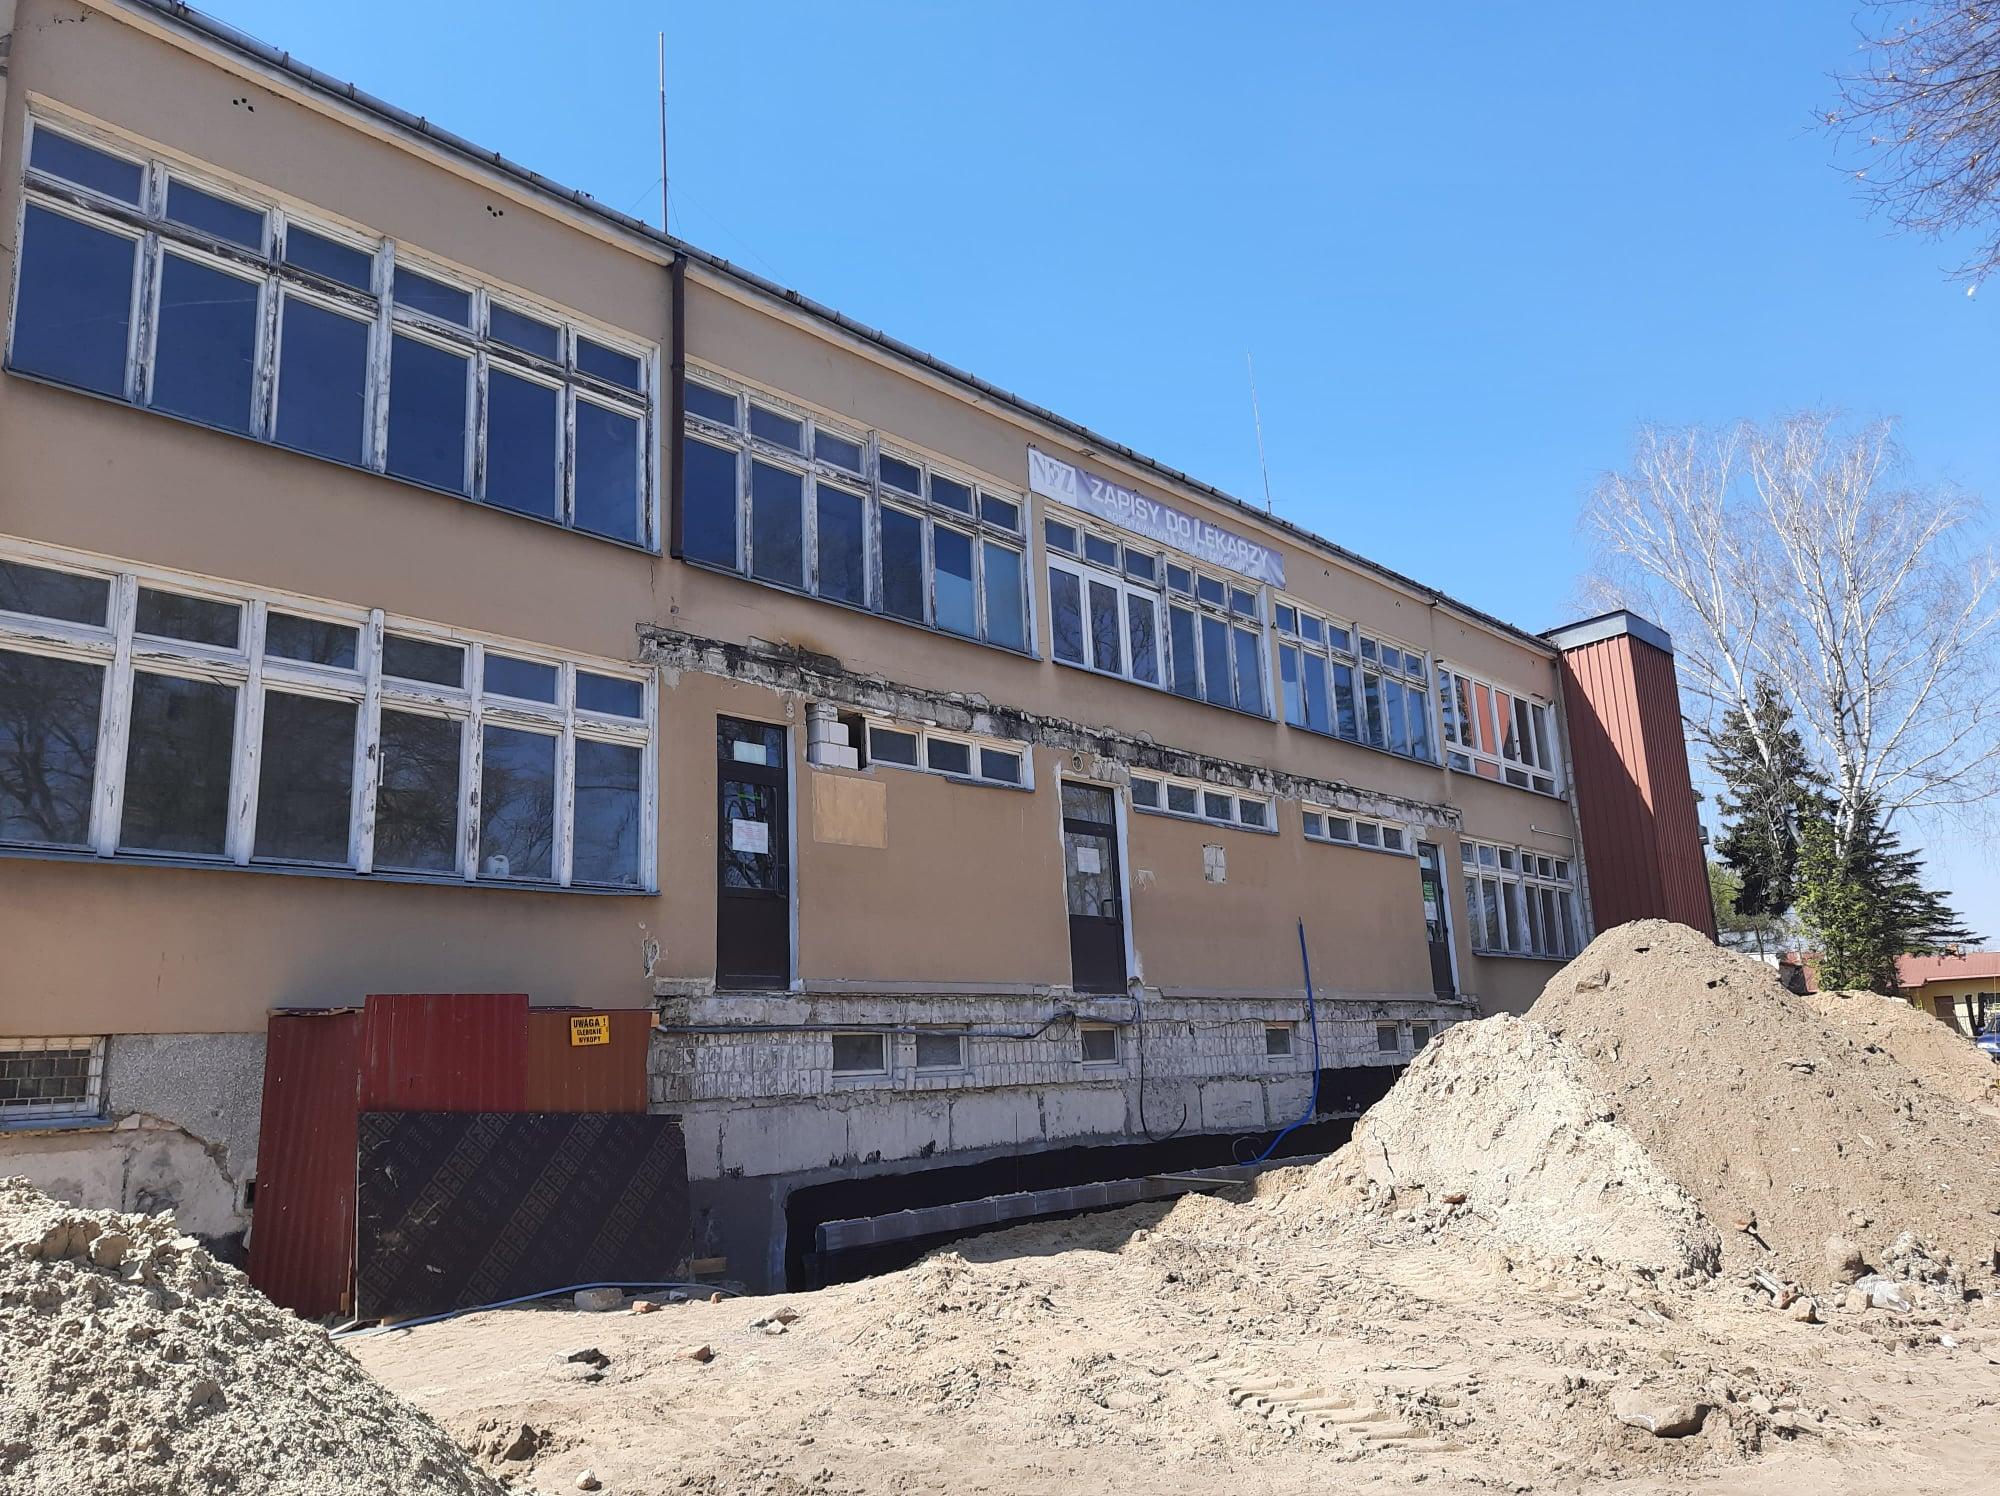 Trwa remont  Przychodni w Stoczku Łukowskim - Zdjęcie główne